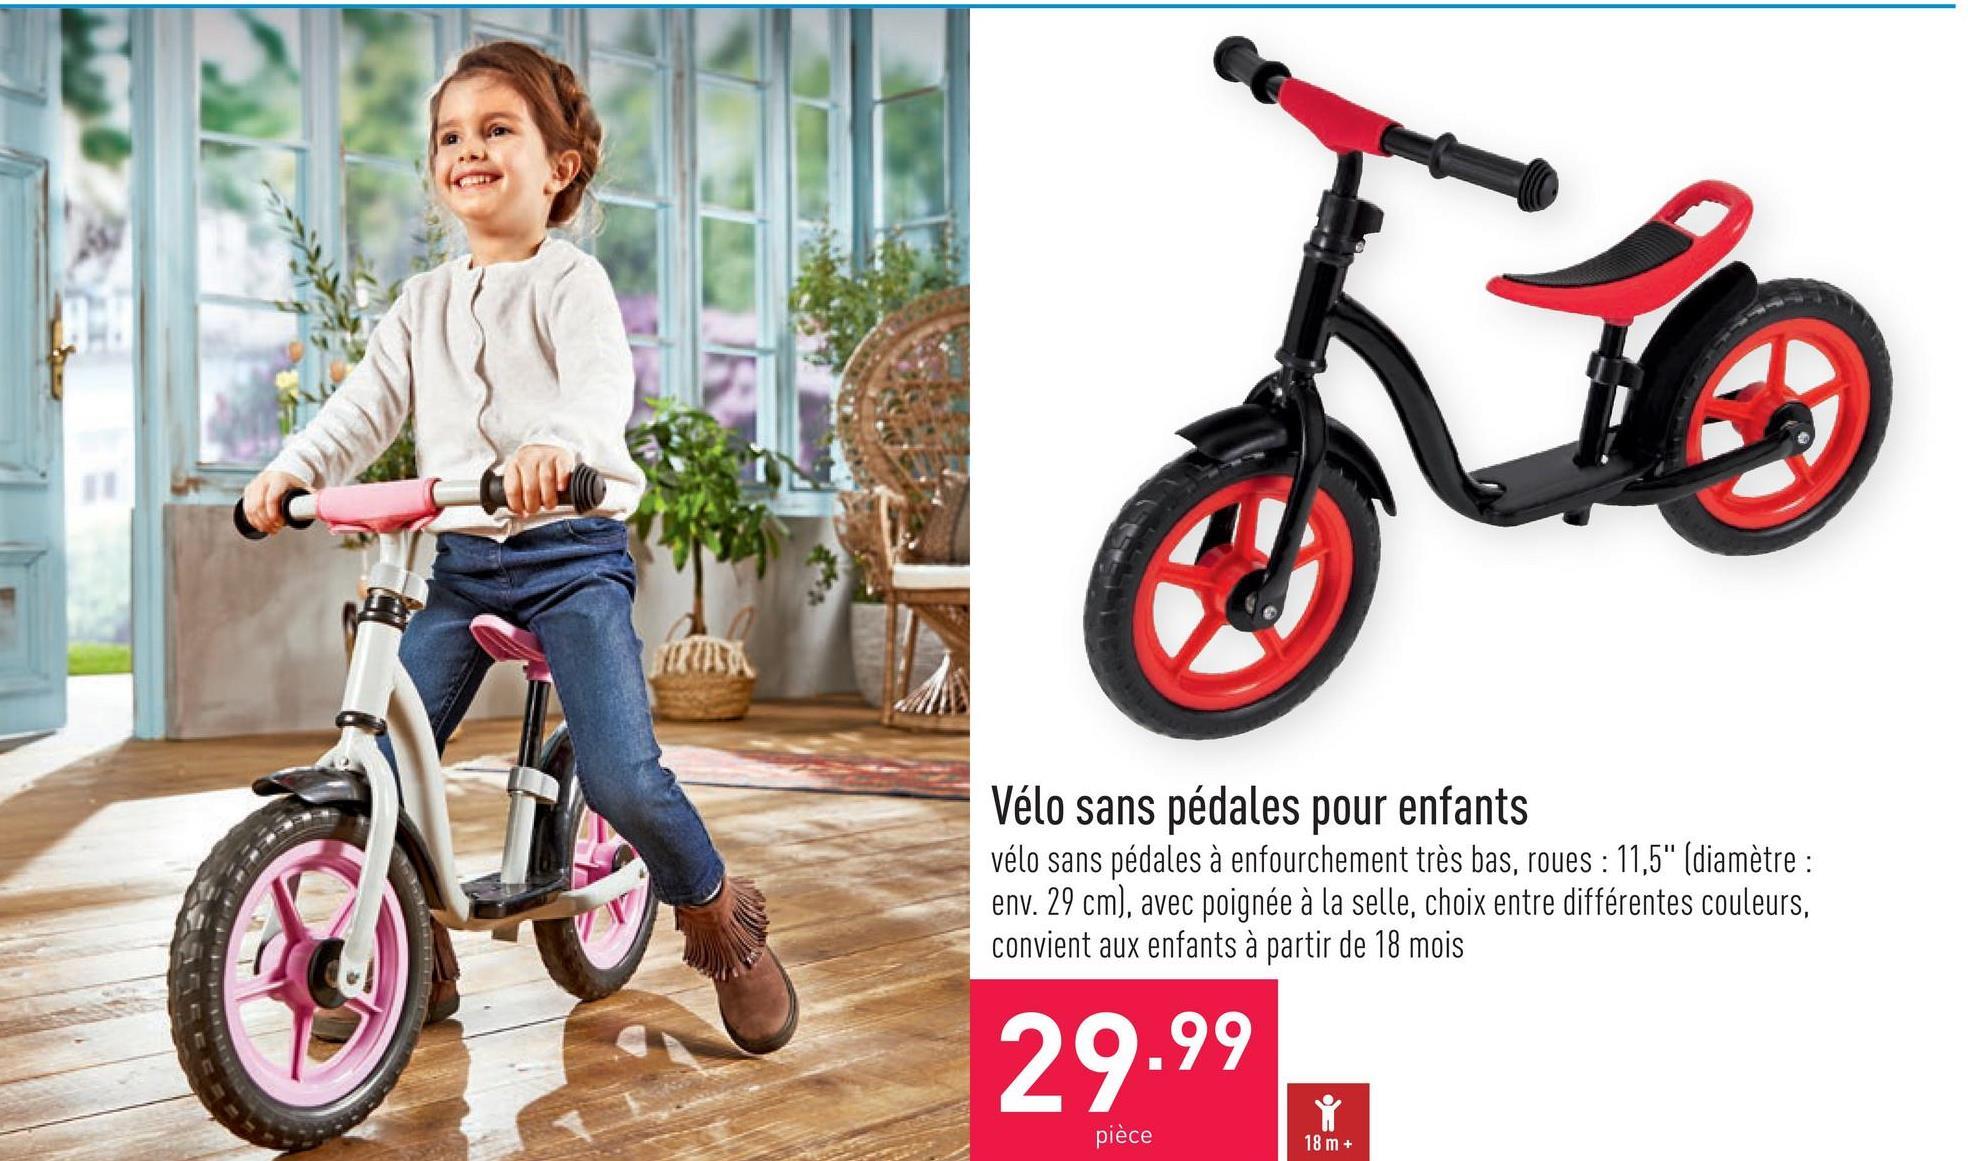 """Vélo sans pédales pour enfants vélo sans pédales à enfourchement très bas, roues : 11,5"""" (diamètre : env. 29 cm), avec poignée à la selle, choix entre différentes couleurs, convient aux enfants à partir de 18 mois"""